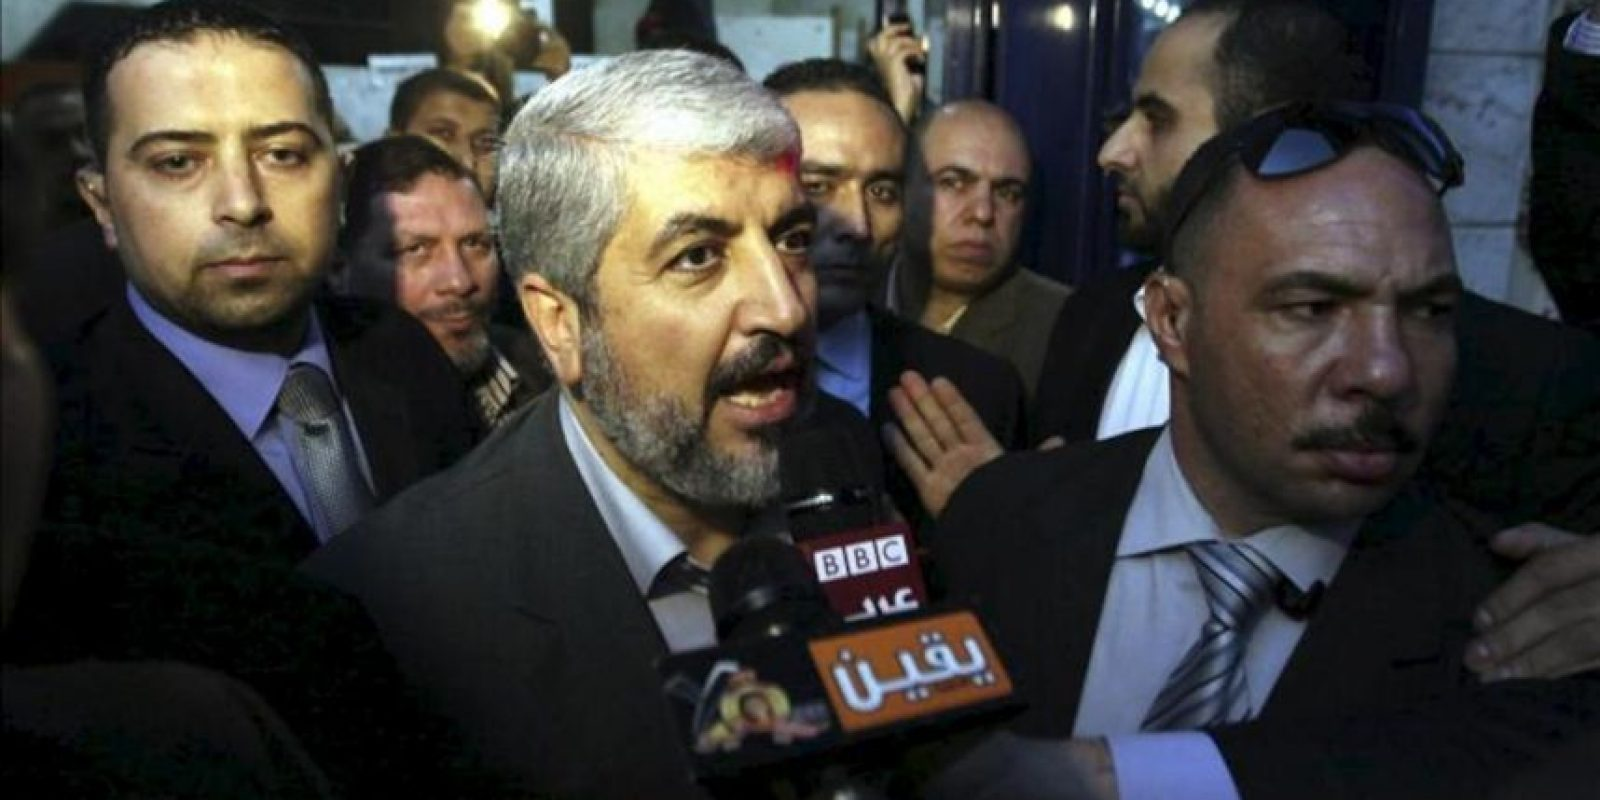 El líder del movimiento islamista palestino Hamás, Jaled Meshal, habla con los medios durante una rueda de prensa. EFE/Archivo